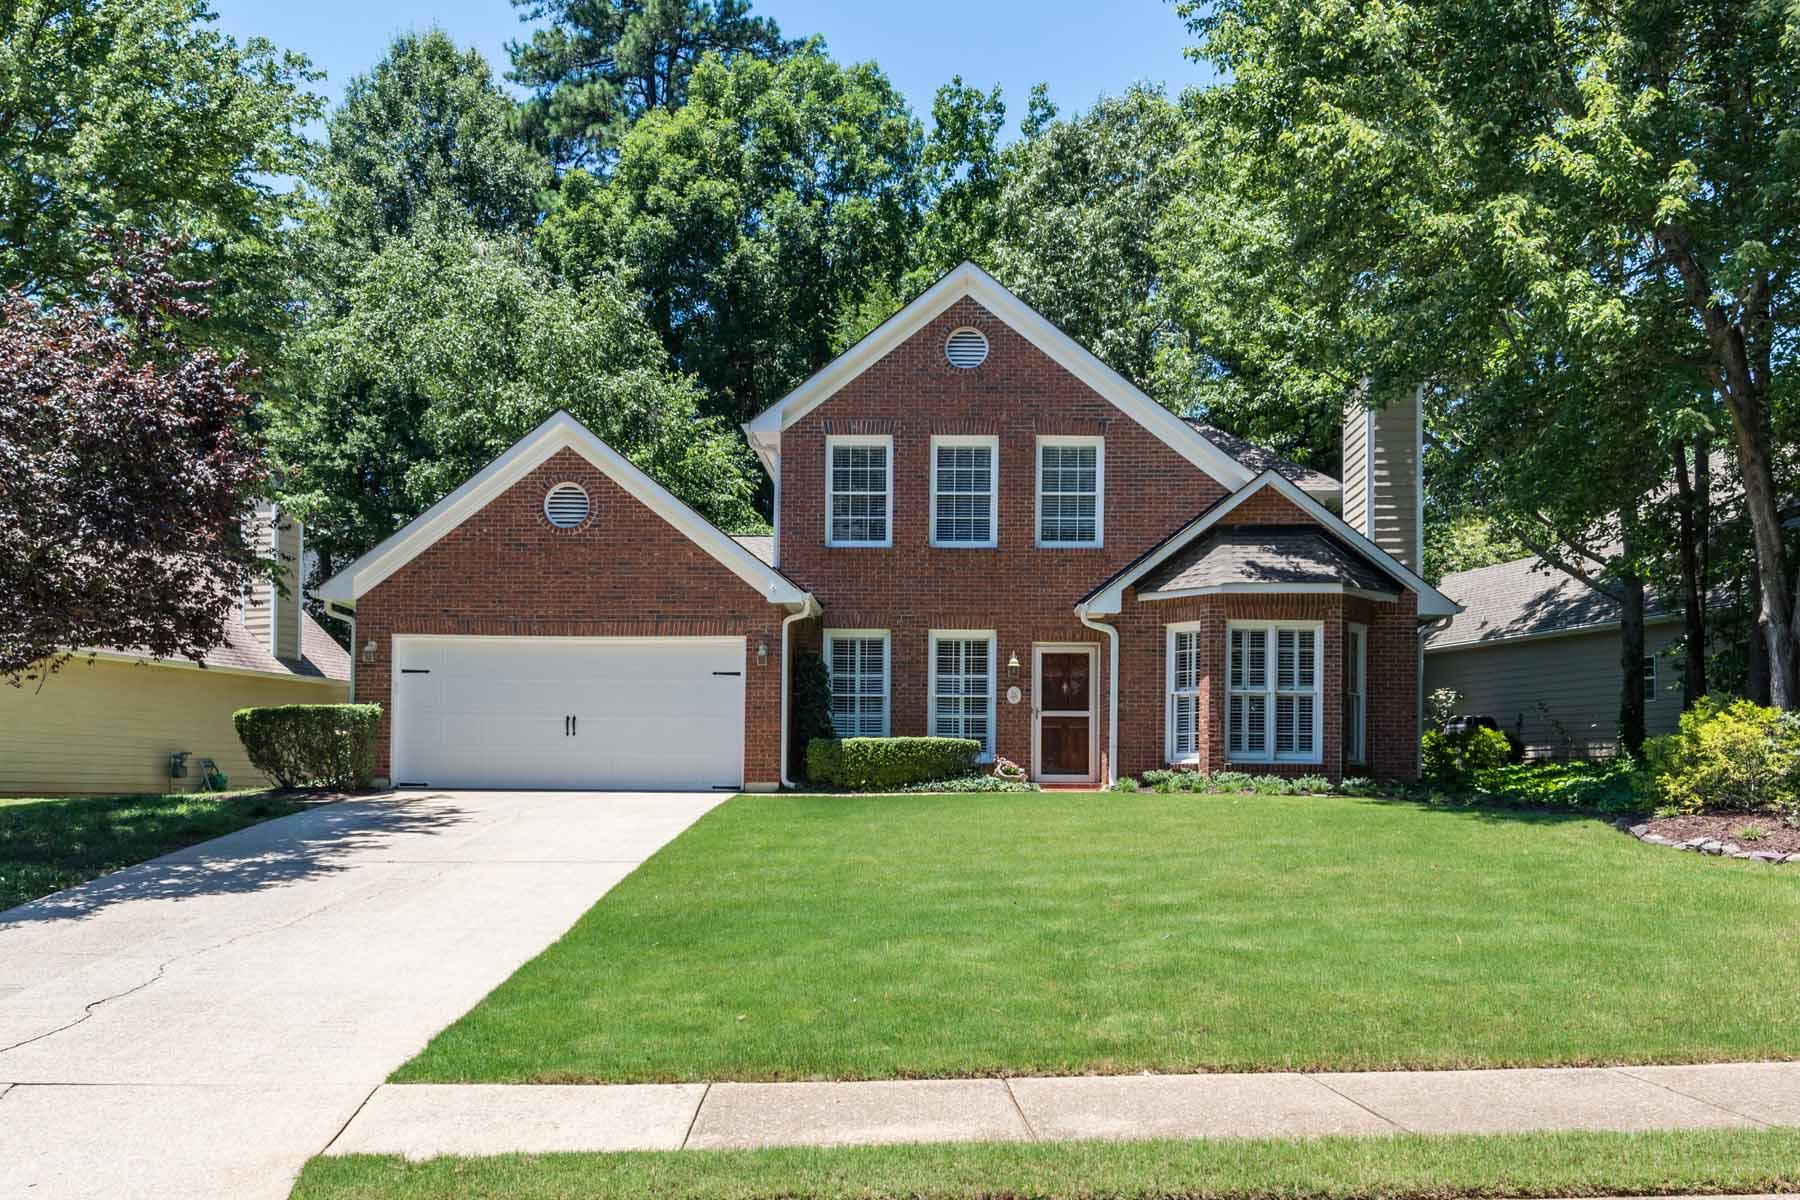 一戸建て のために 売買 アット 10815 Pinewalk Forest Circle Alpharetta, ジョージア, 30022 アメリカ合衆国